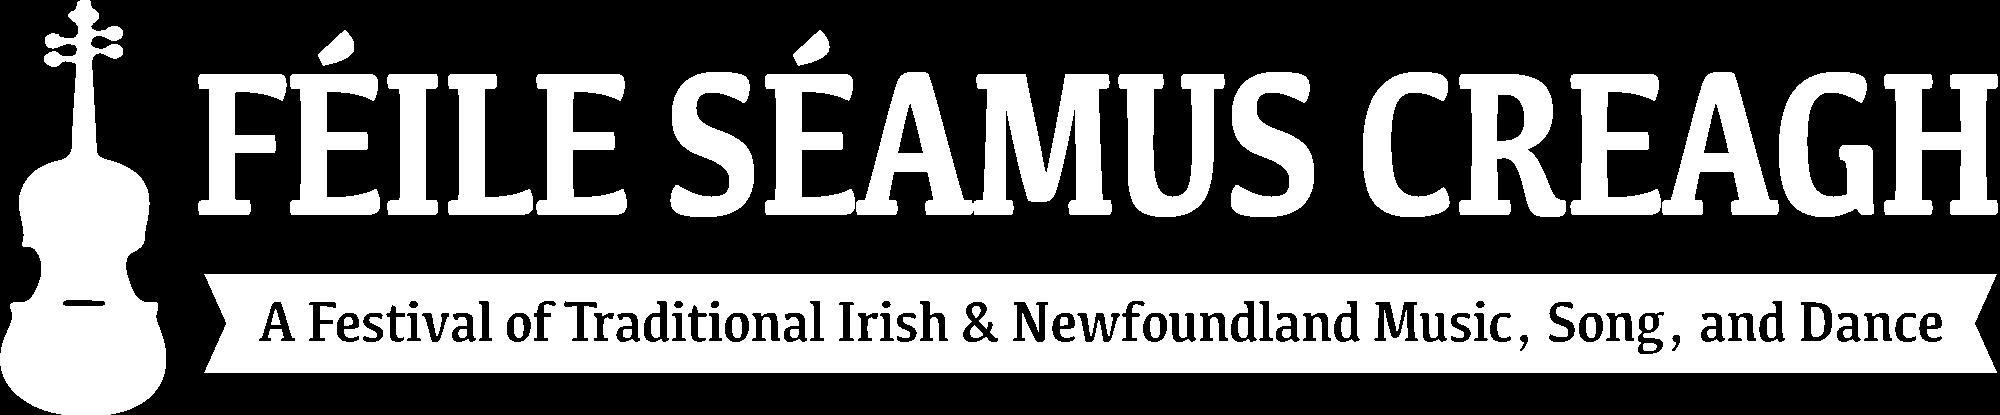 FeileSeamusCreagh_logo.png